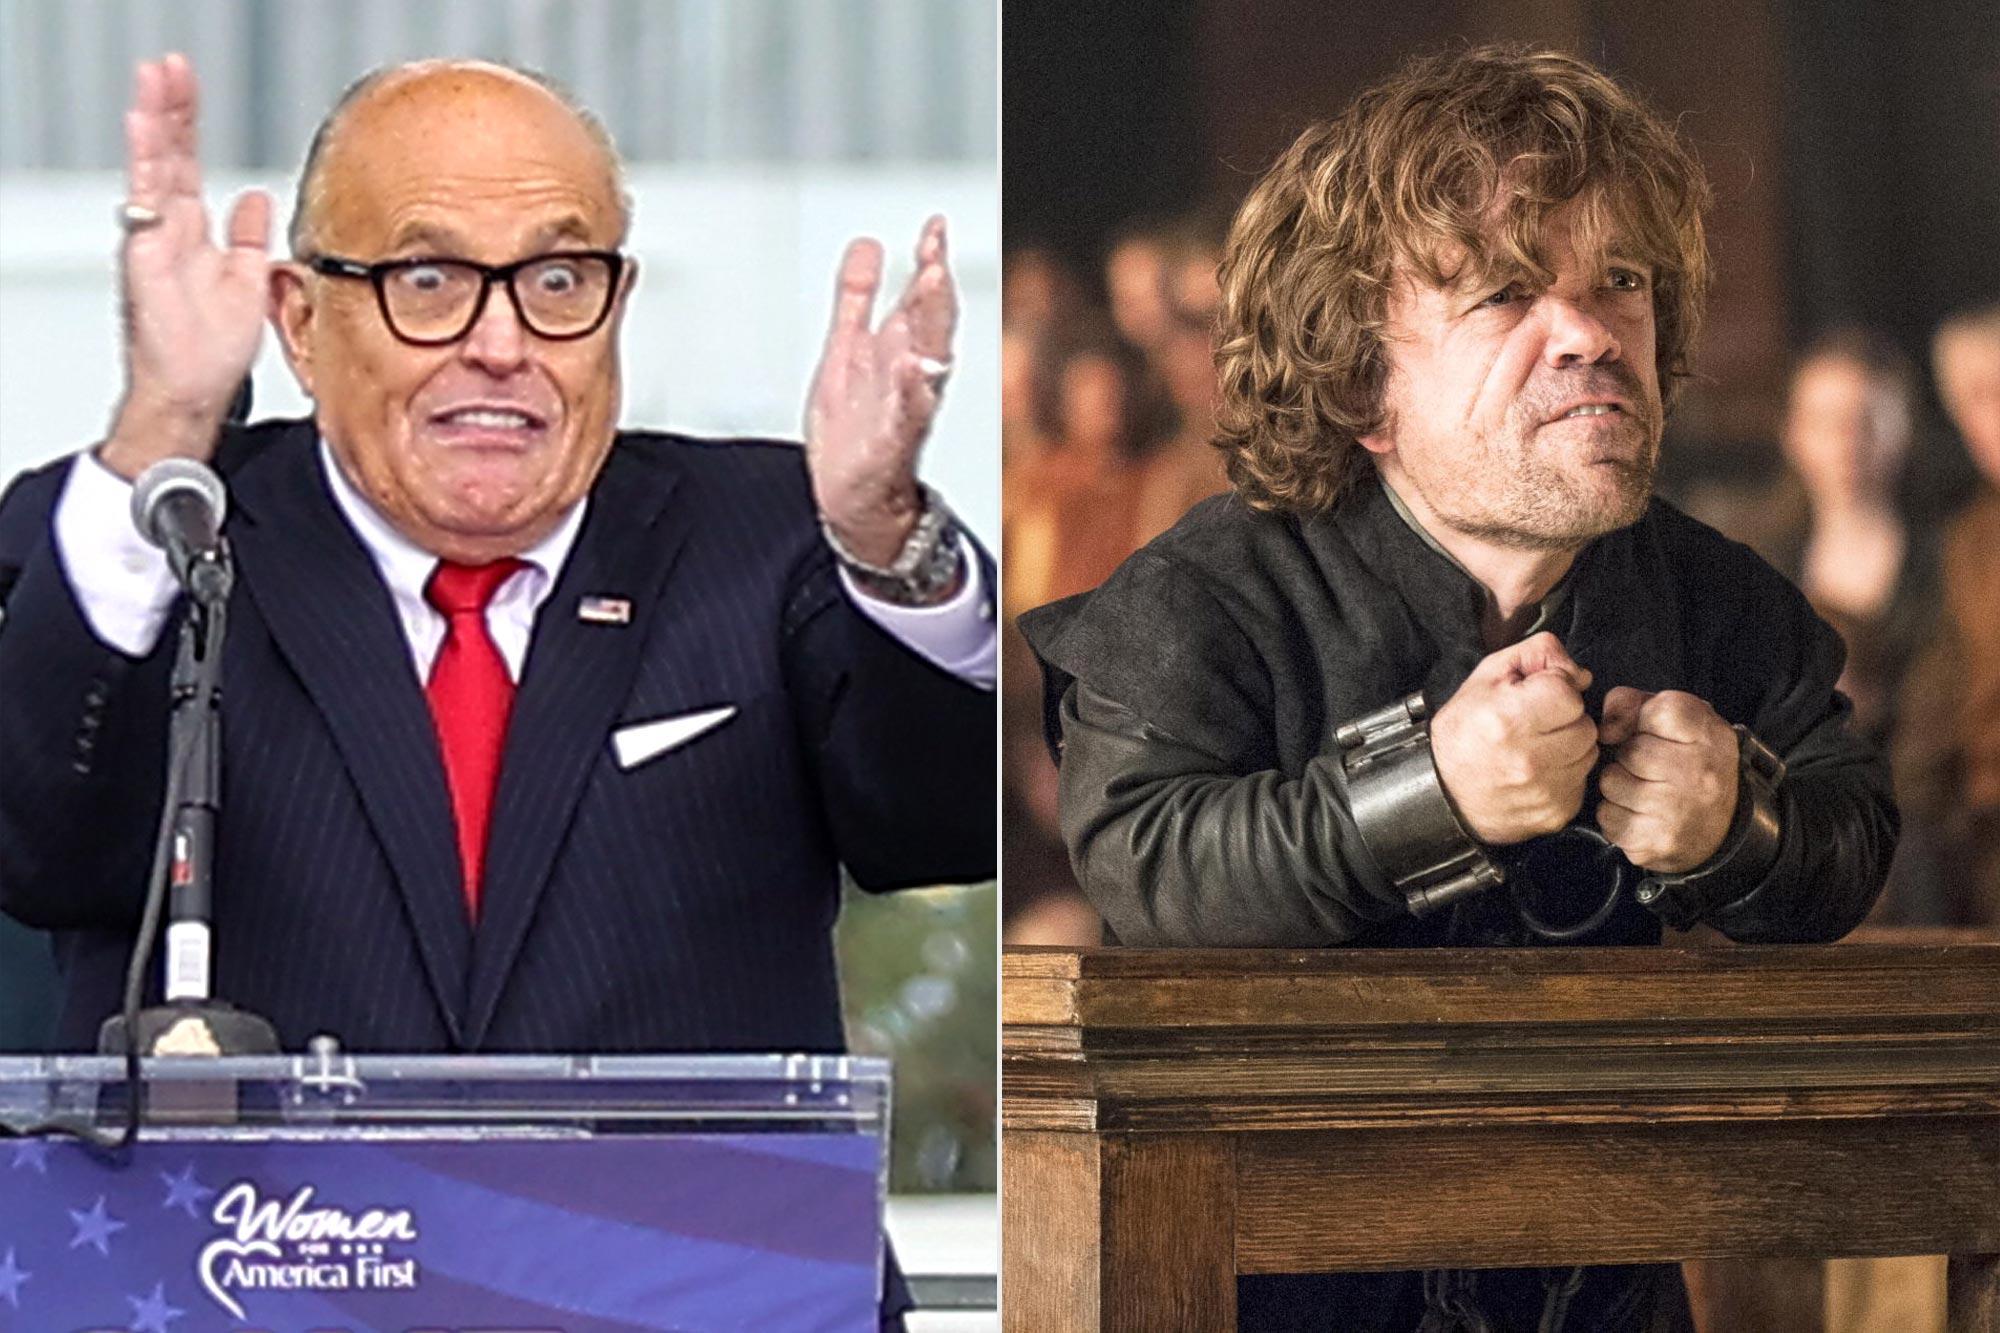 Rudy Giuliani; Game of Thrones